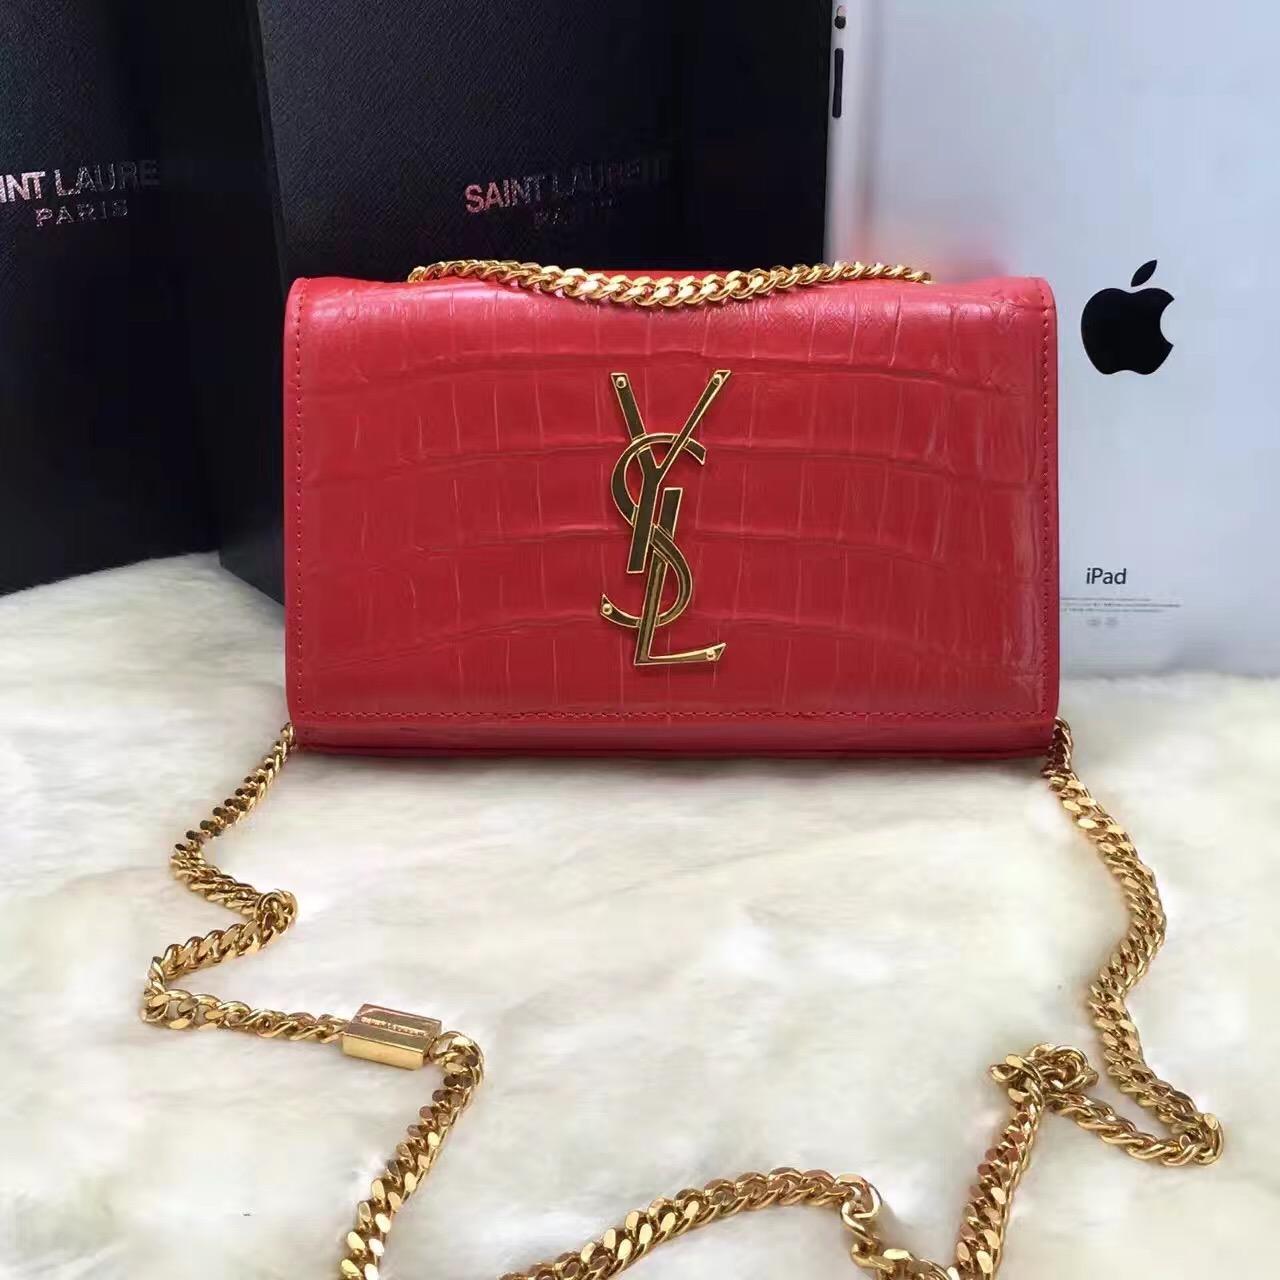 Authentic New Ysl Saint Lau Handbag 354119 C150j 6805 Calfskin Red Reebonz  Canada. Yves Saint Lau Shoulder Bags Vine c459a7ac6d18d